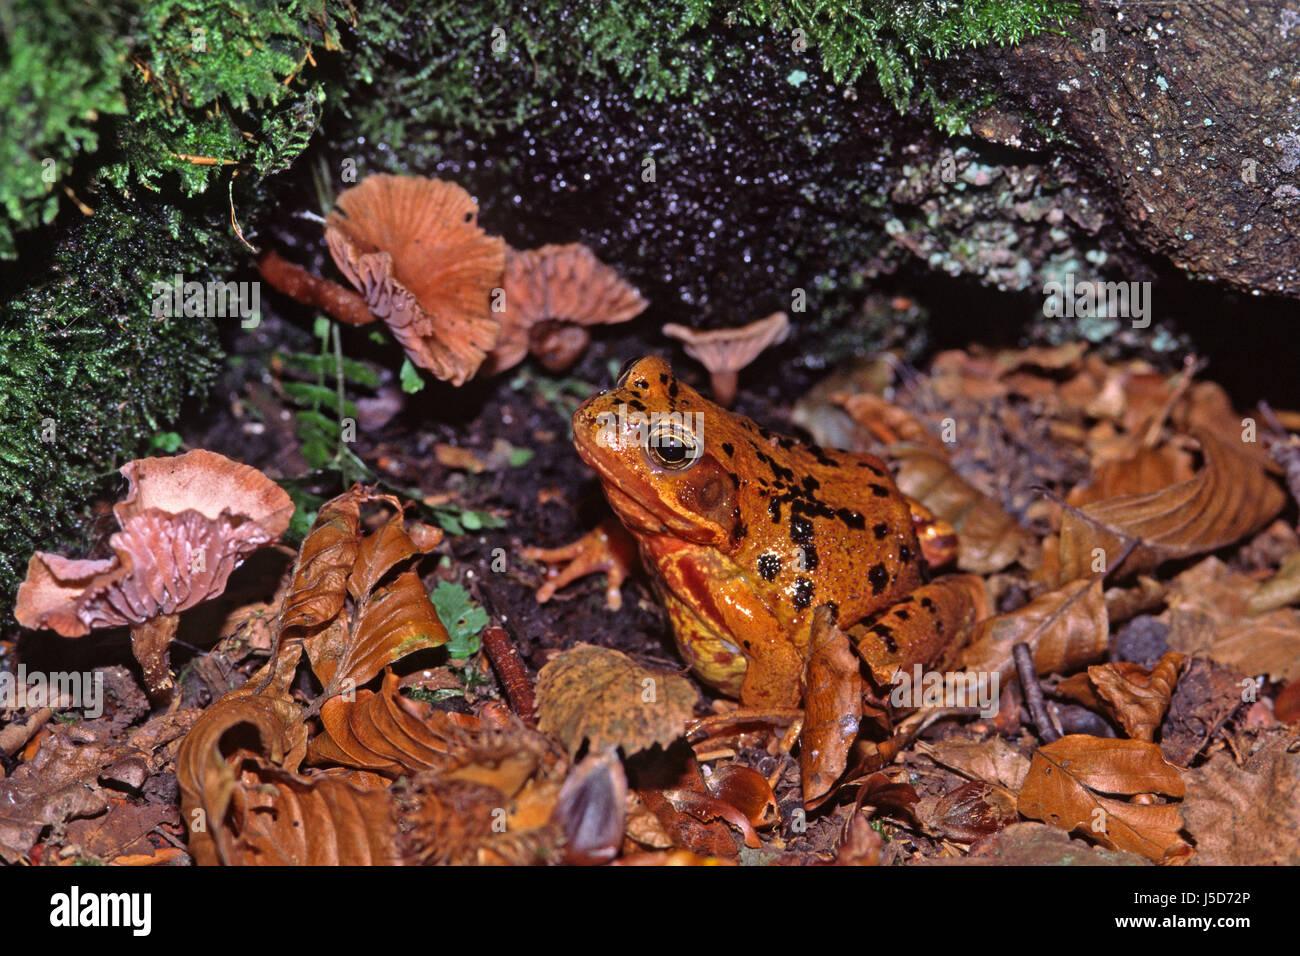 Brauner Frosch Stockfotos & Brauner Frosch Bilder - Alamy